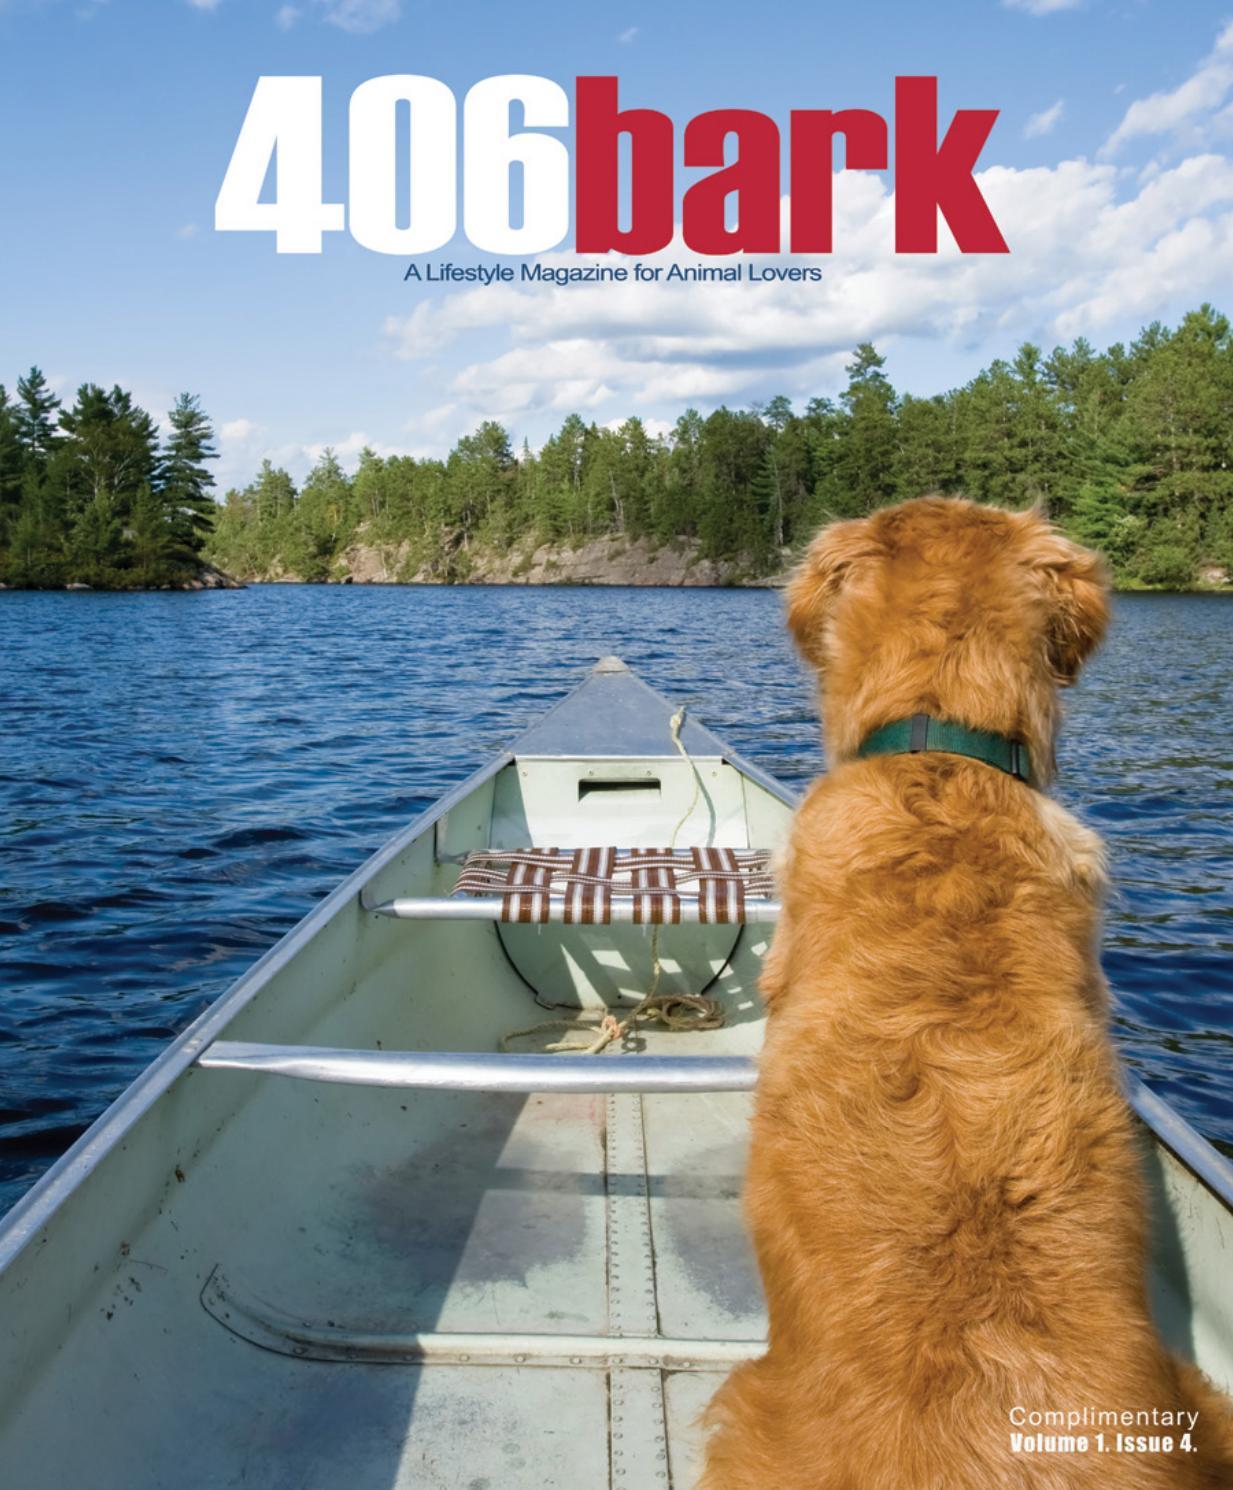 406 Bark Magazine Cover.jpg